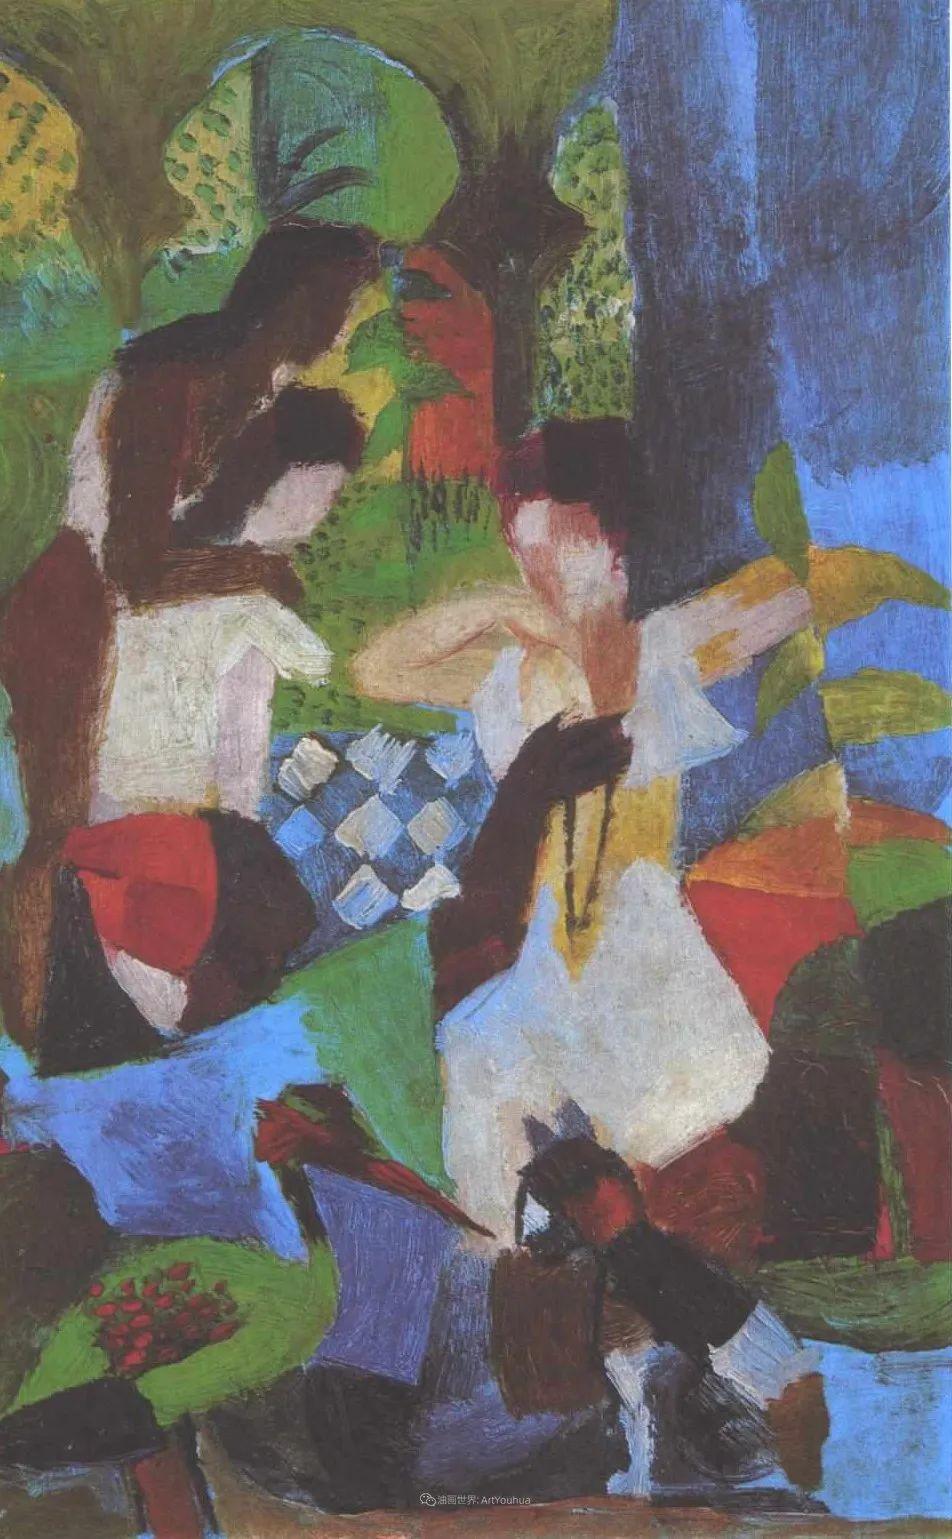 画面色彩的力量,德国表现主义画家奥古斯特·马克插图89